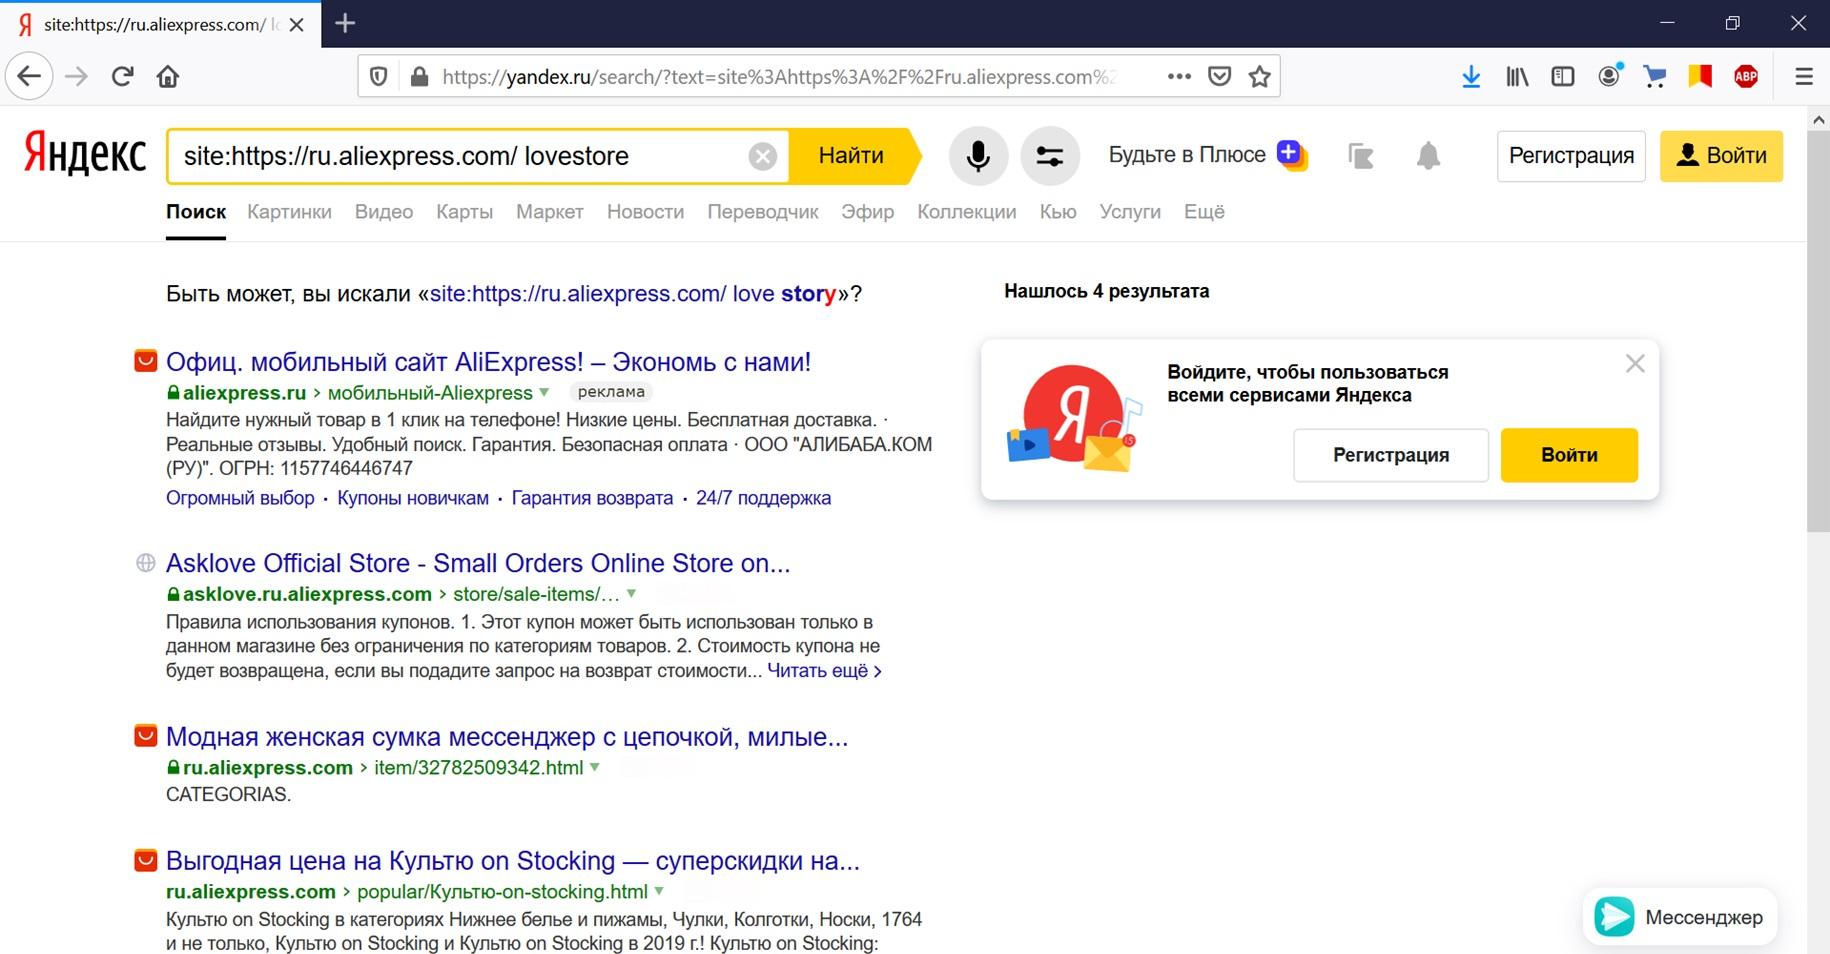 Поиск по названию магазина на Яндексе